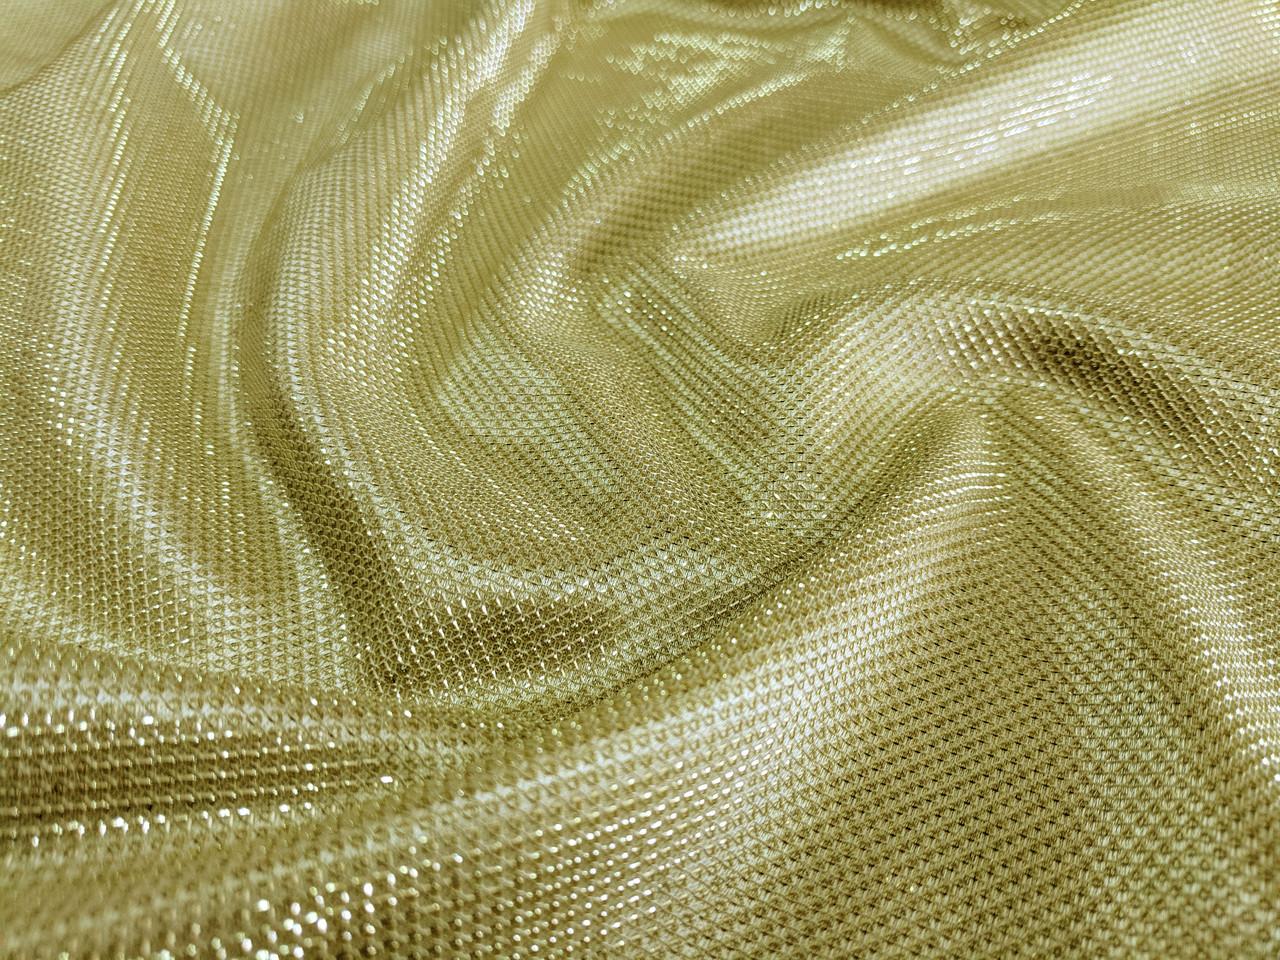 Трикотаж диско чешуя, золото